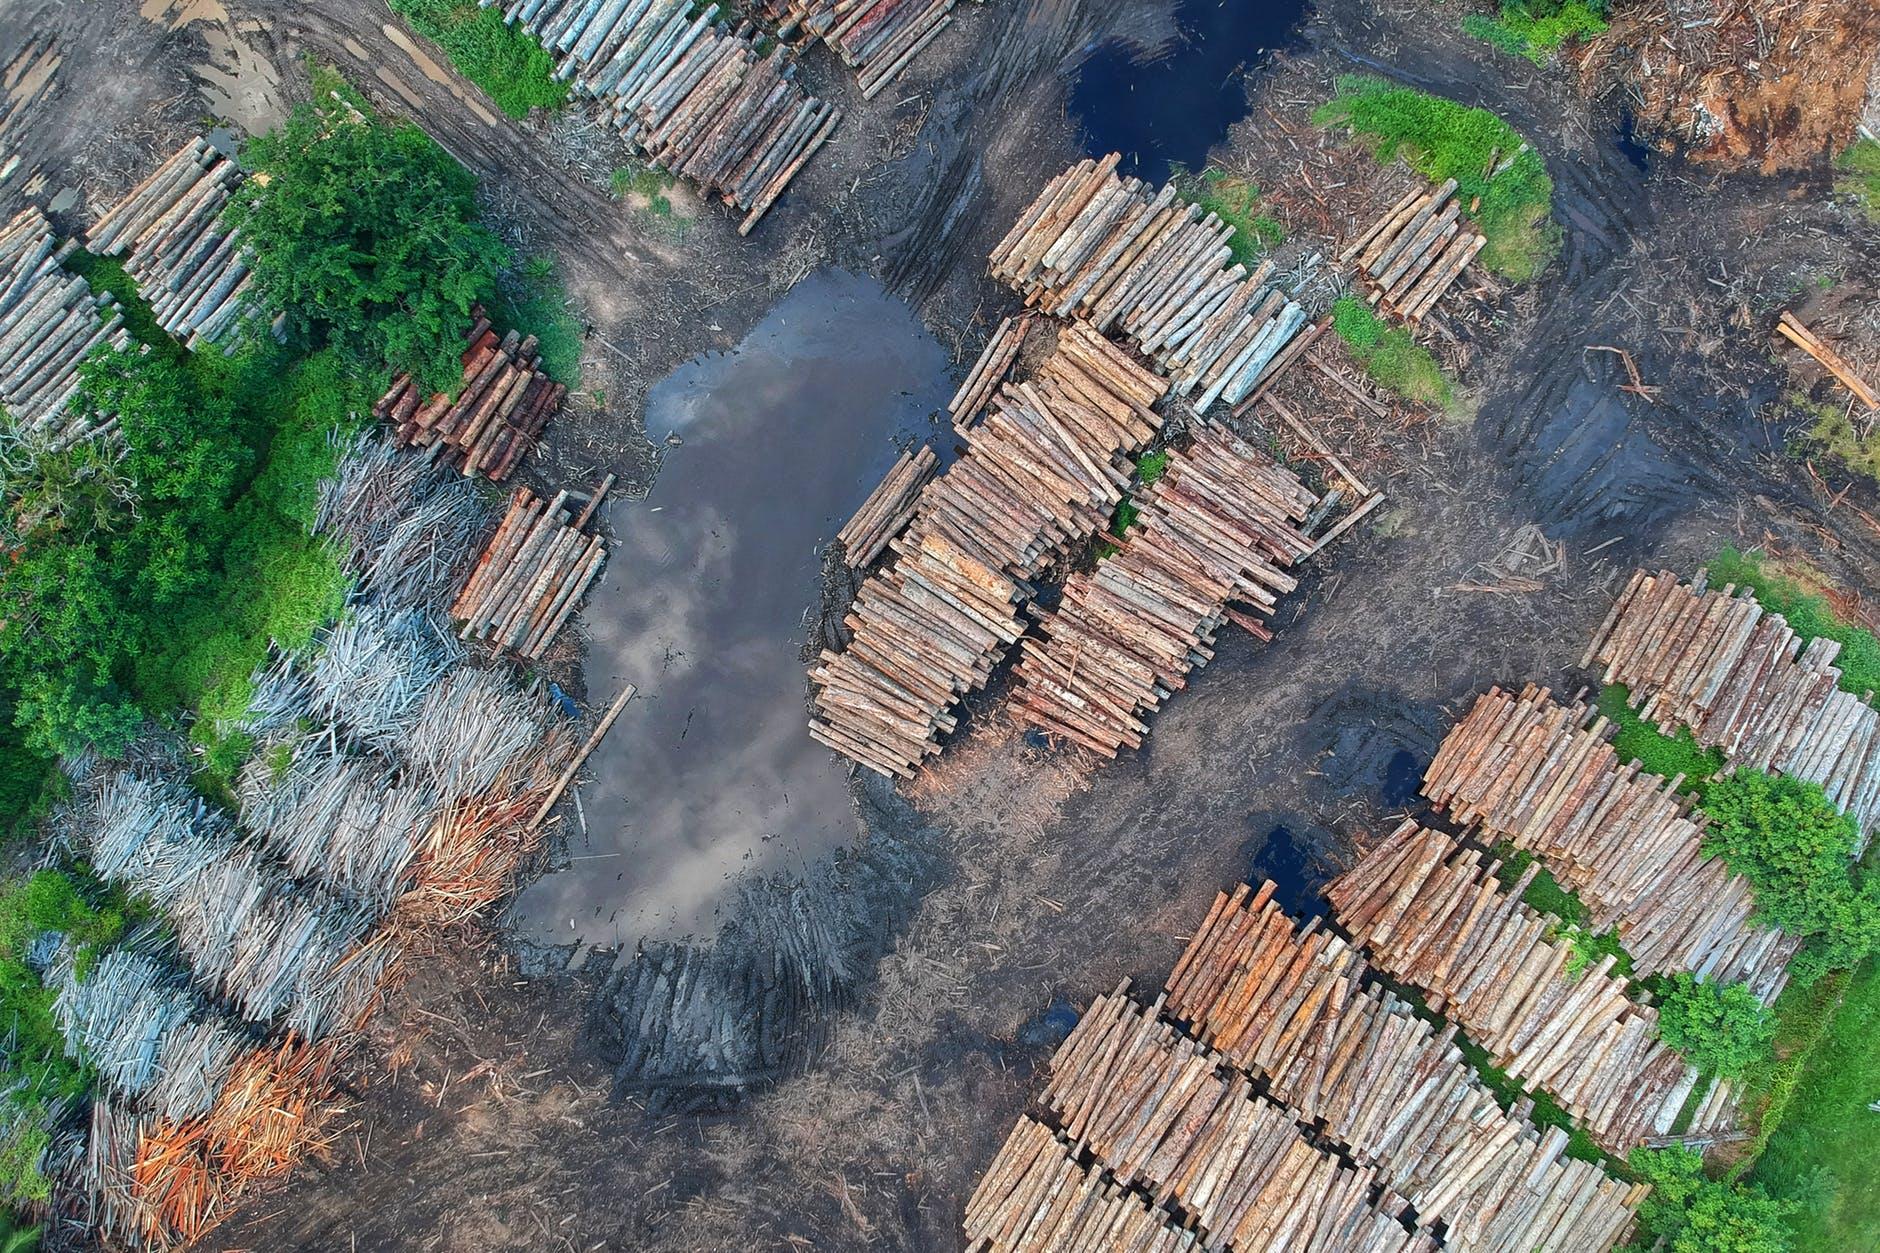 Covid-19: La baisse de la biodiversité et la hausse du nombre d'épidémies.